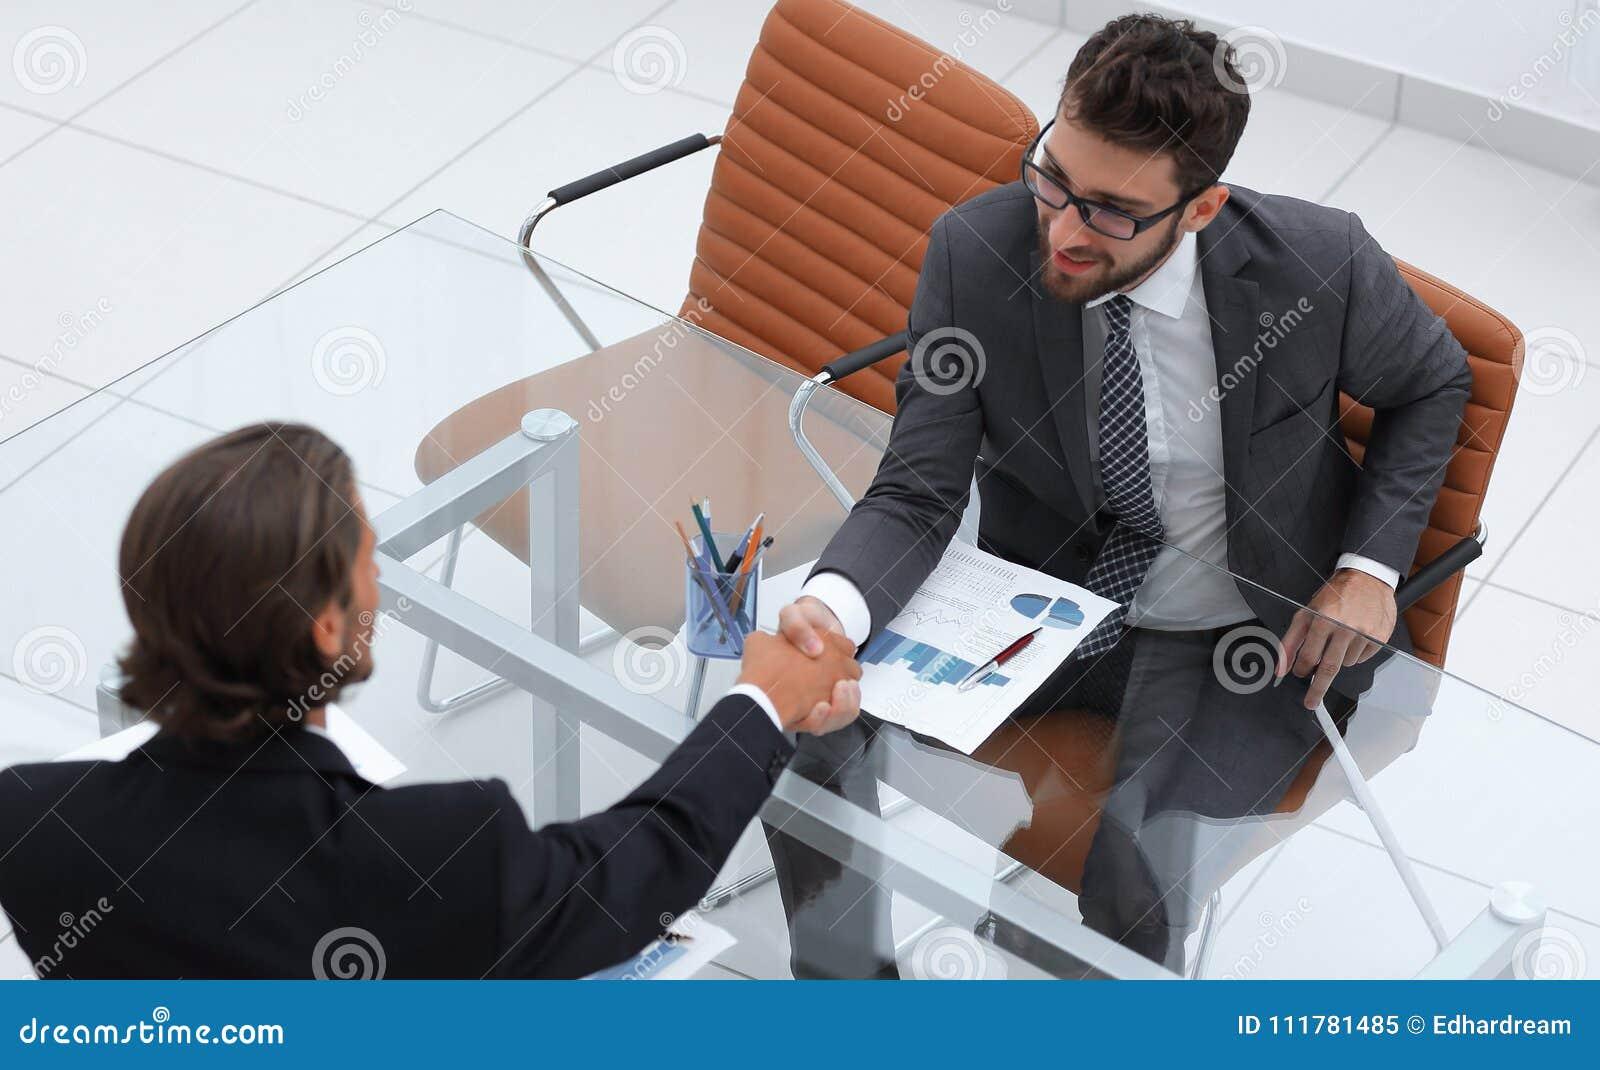 Handskakning av affärspartners som sitter på deras skrivbord